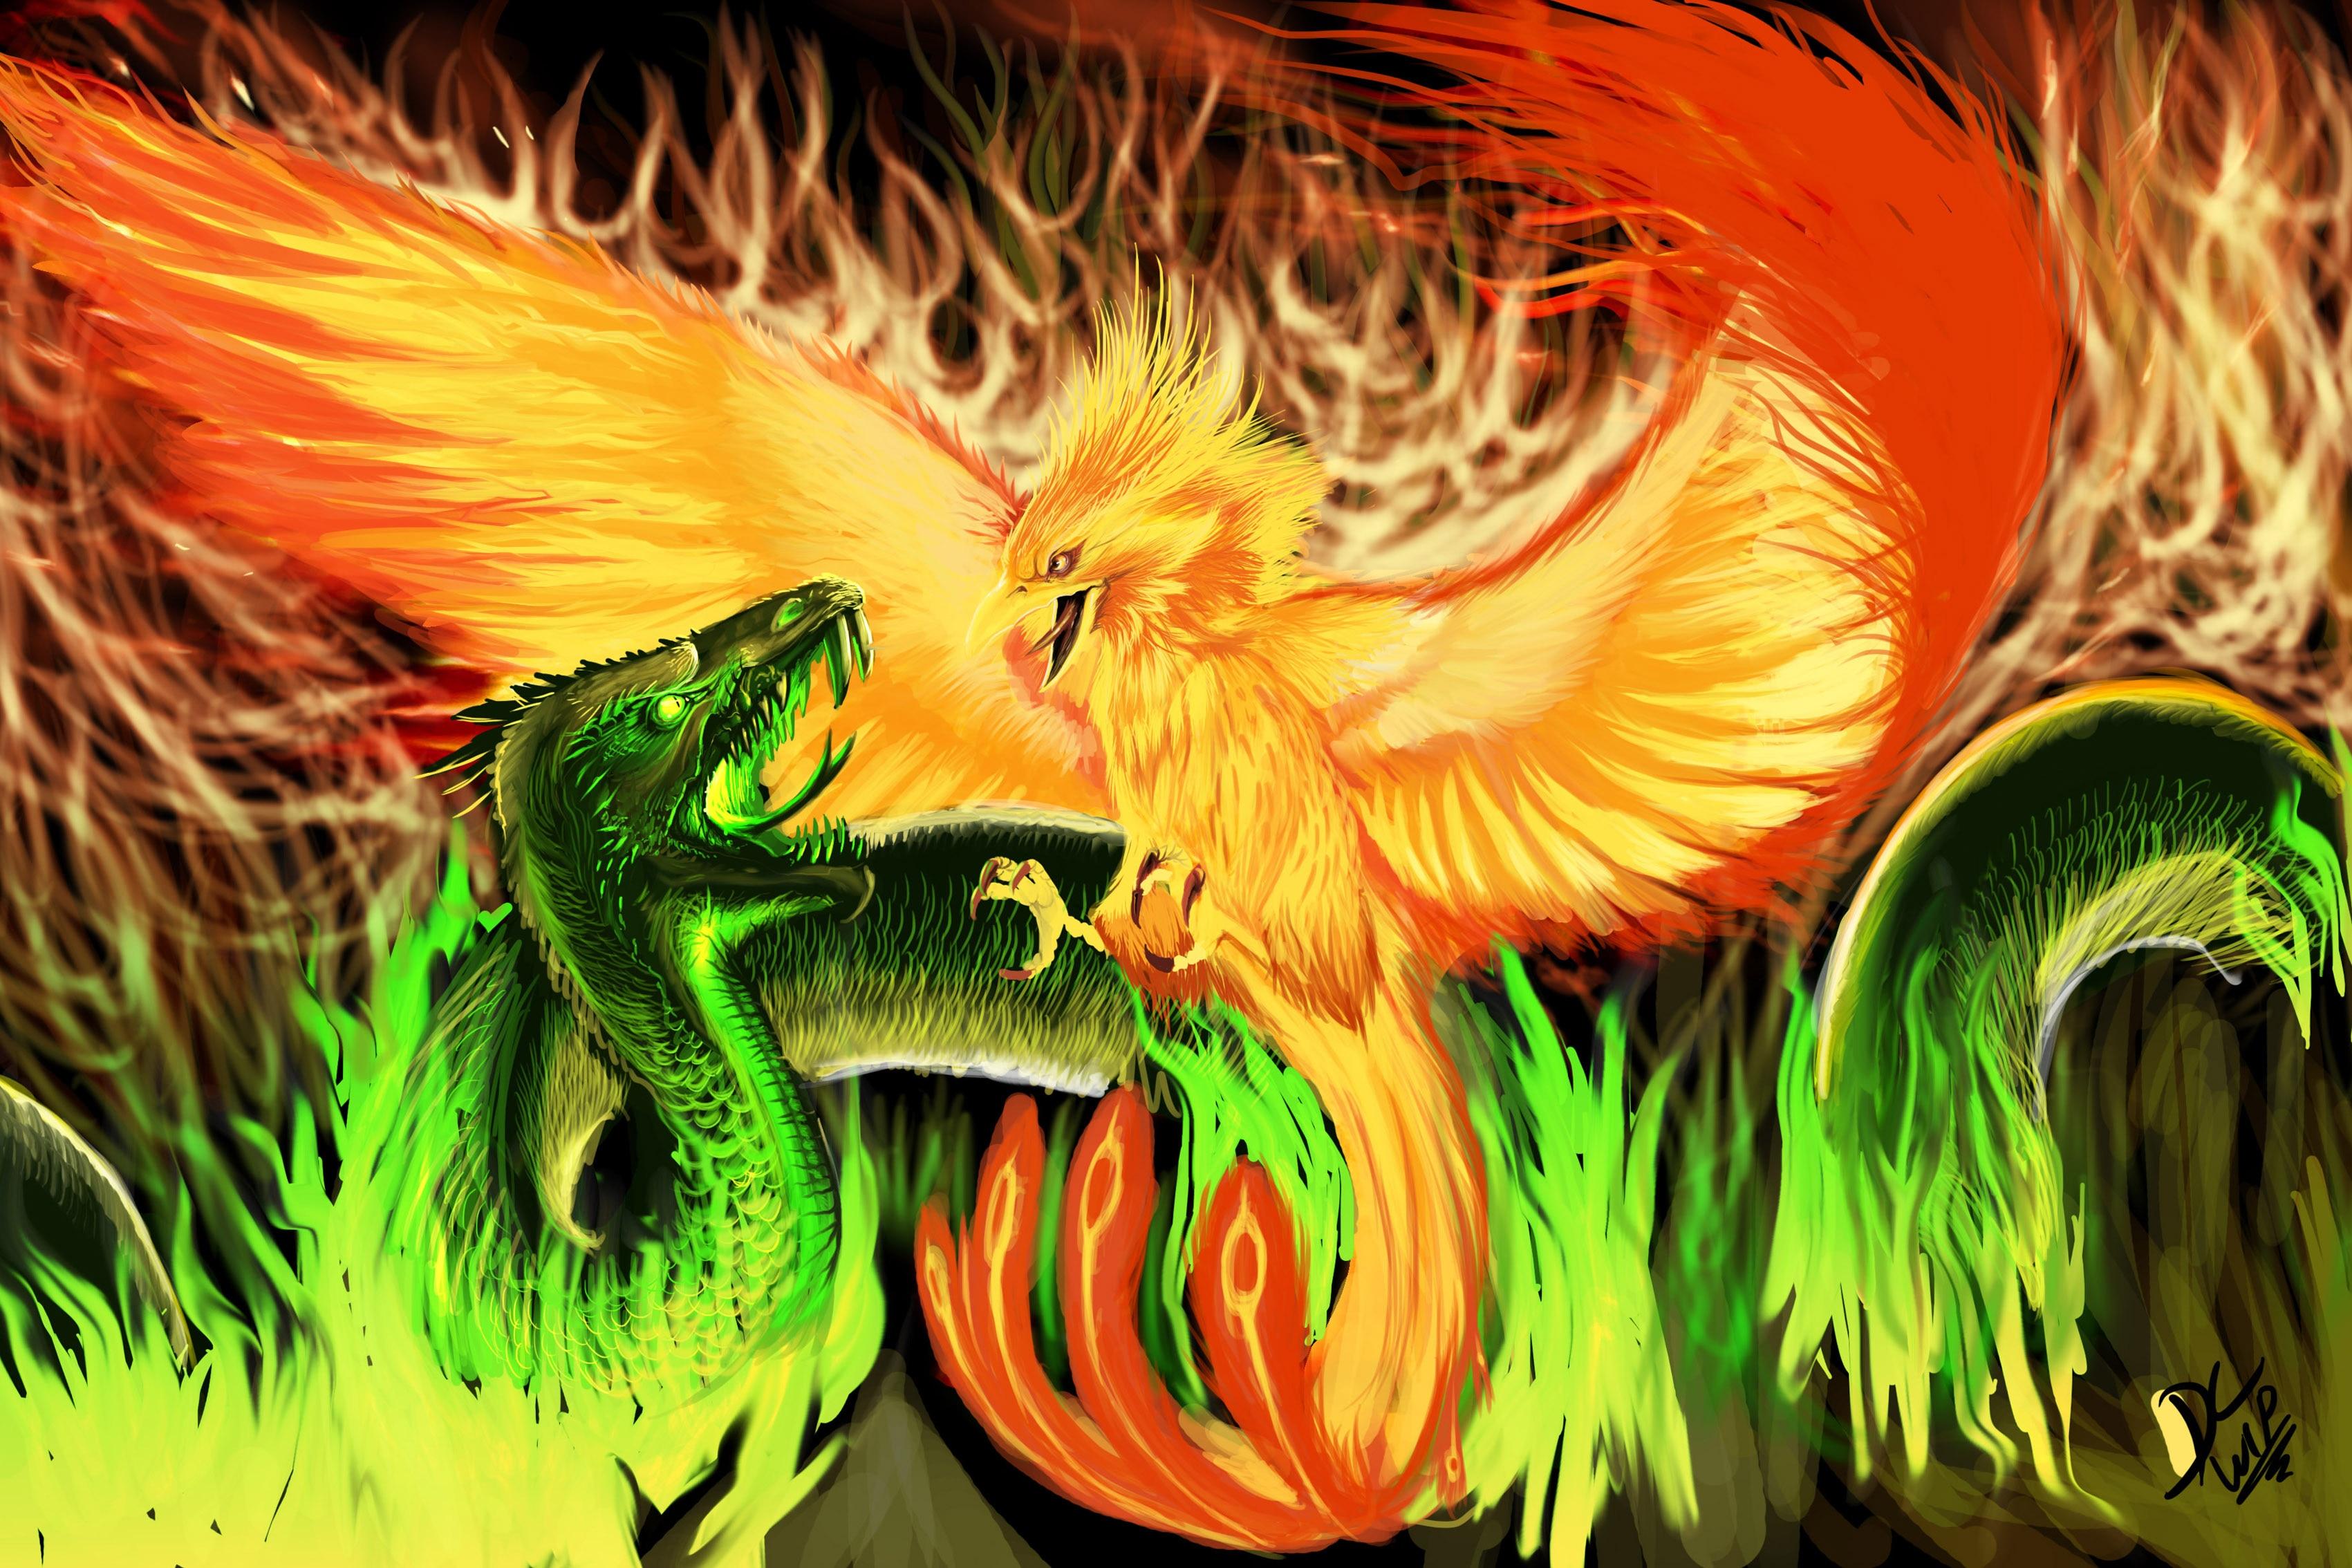 Online Get Cheap Phoenix Decor Aliexpresscom Alibaba Group